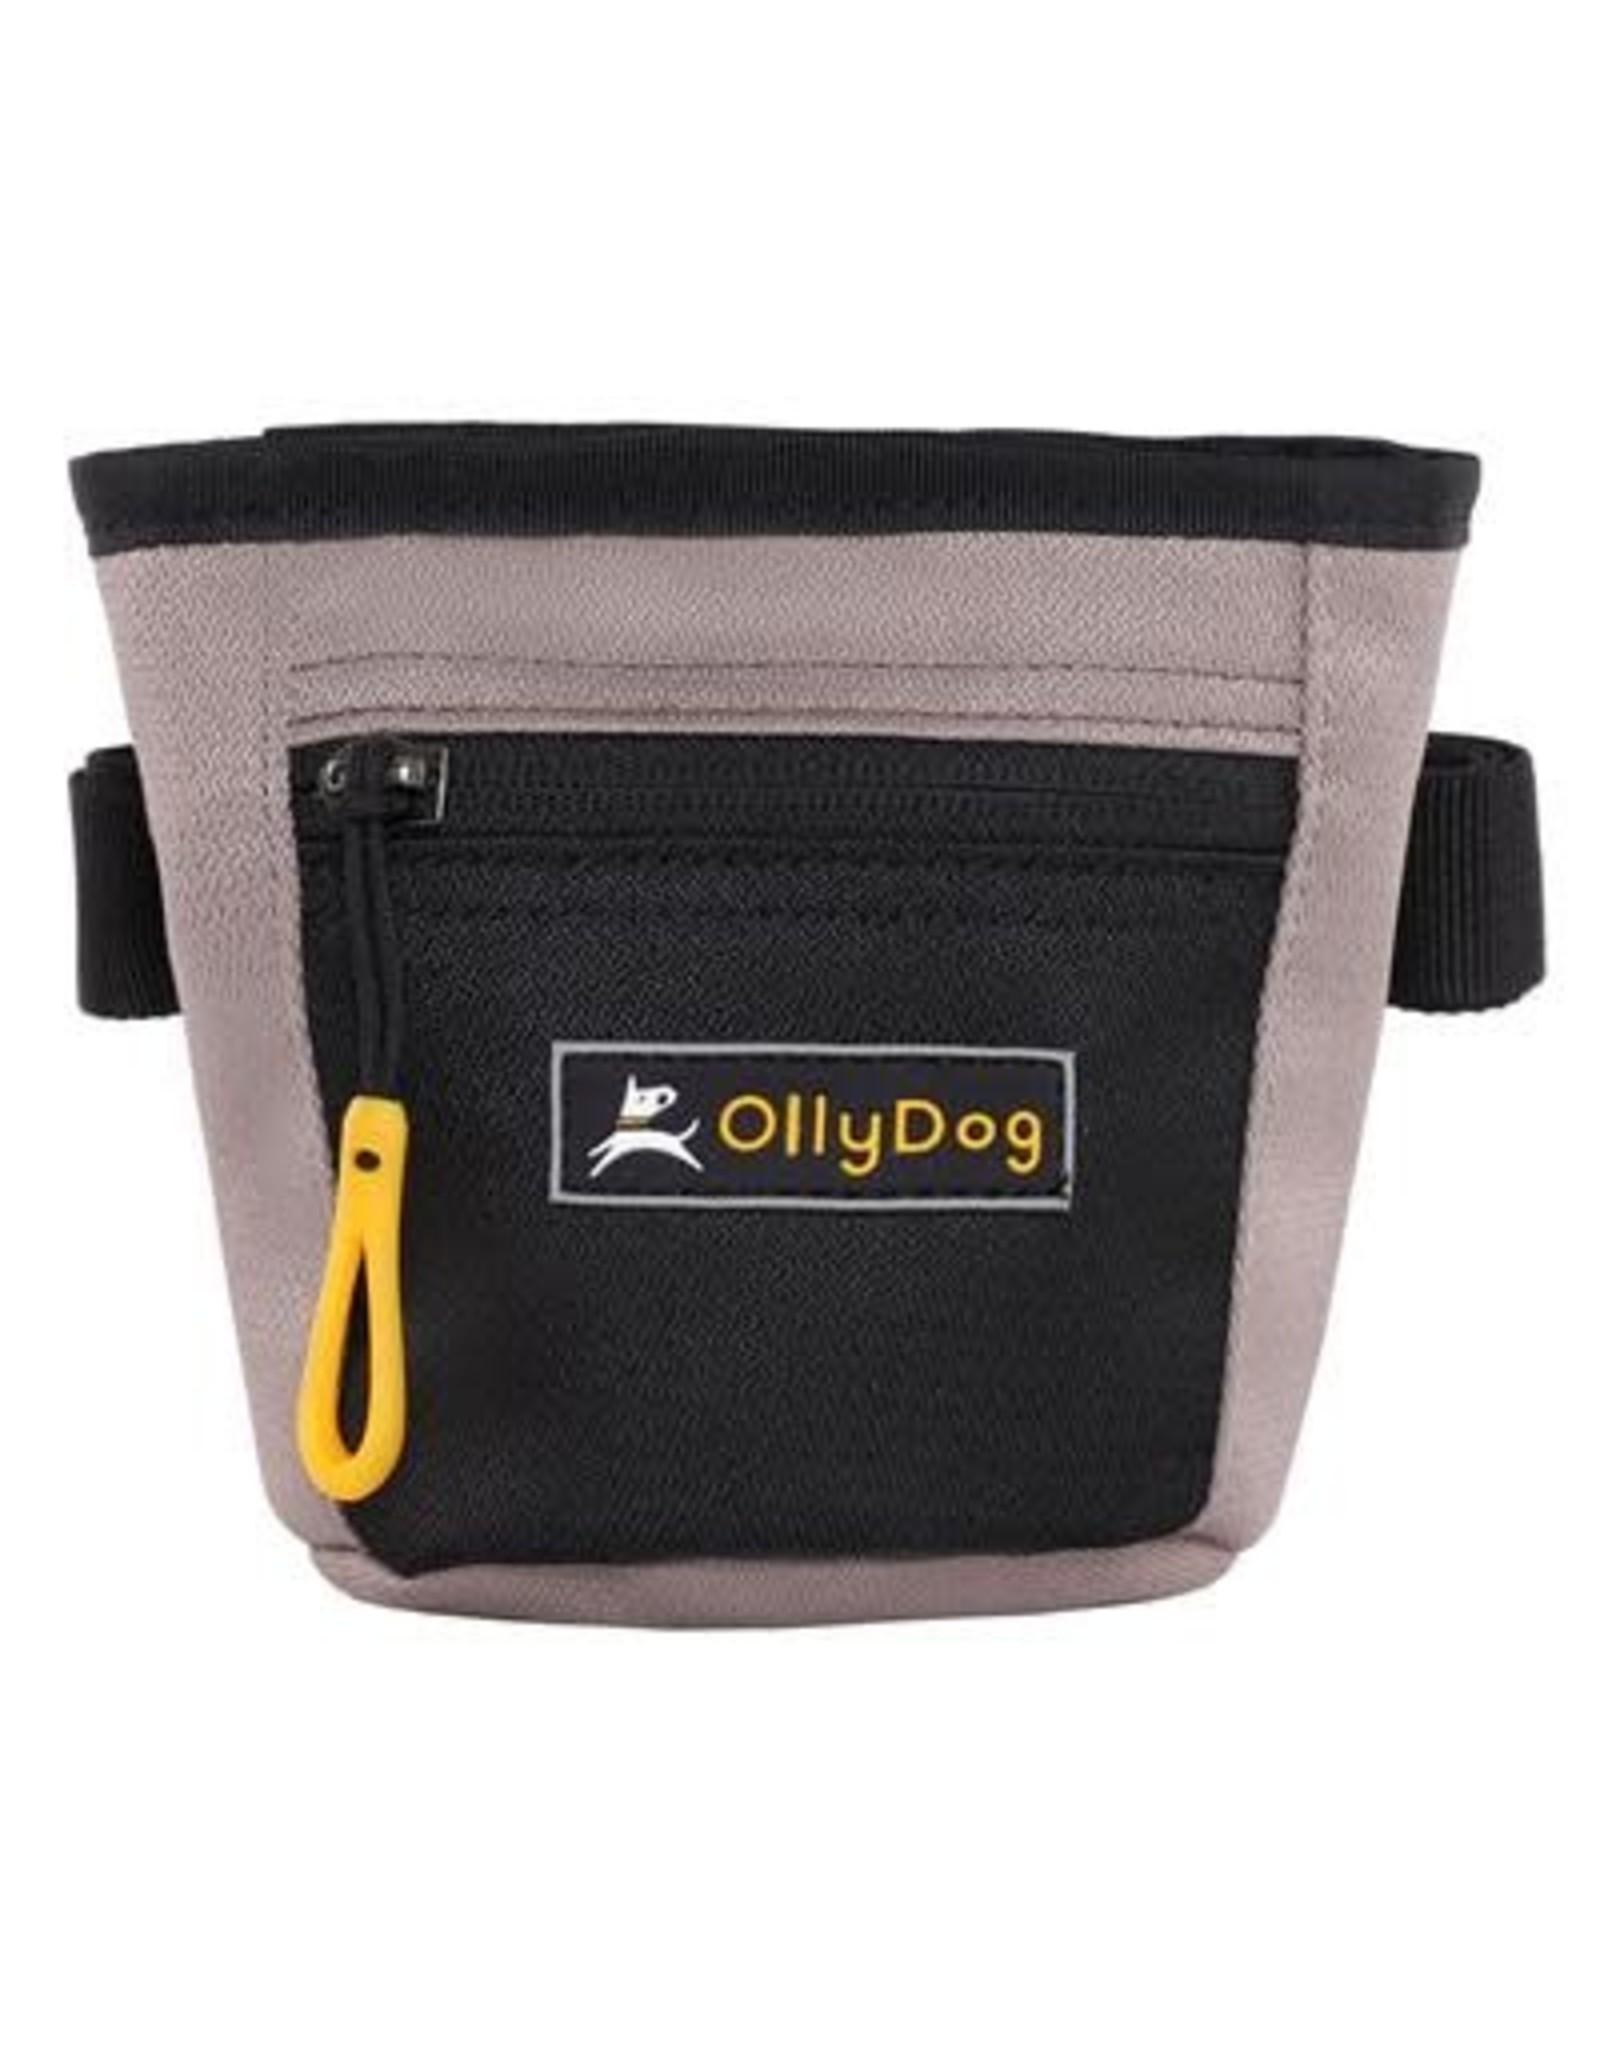 OllyDog Goodie Treat Bag: Champagne, os